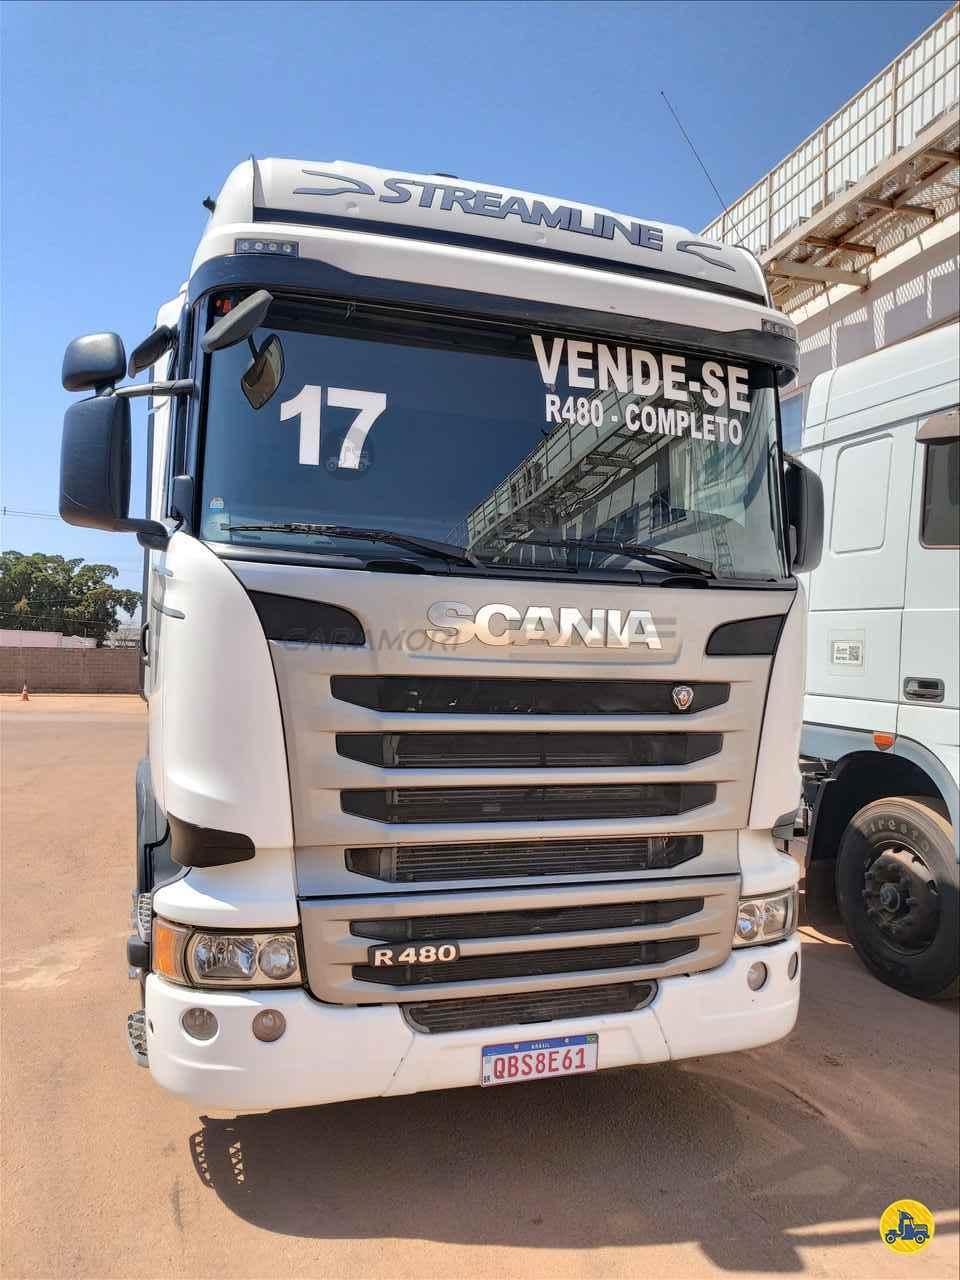 CAMINHAO SCANIA SCANIA 480 Cavalo Mecânico Traçado 6x4 DAF Caramori CUIABA MATO GROSSO MT